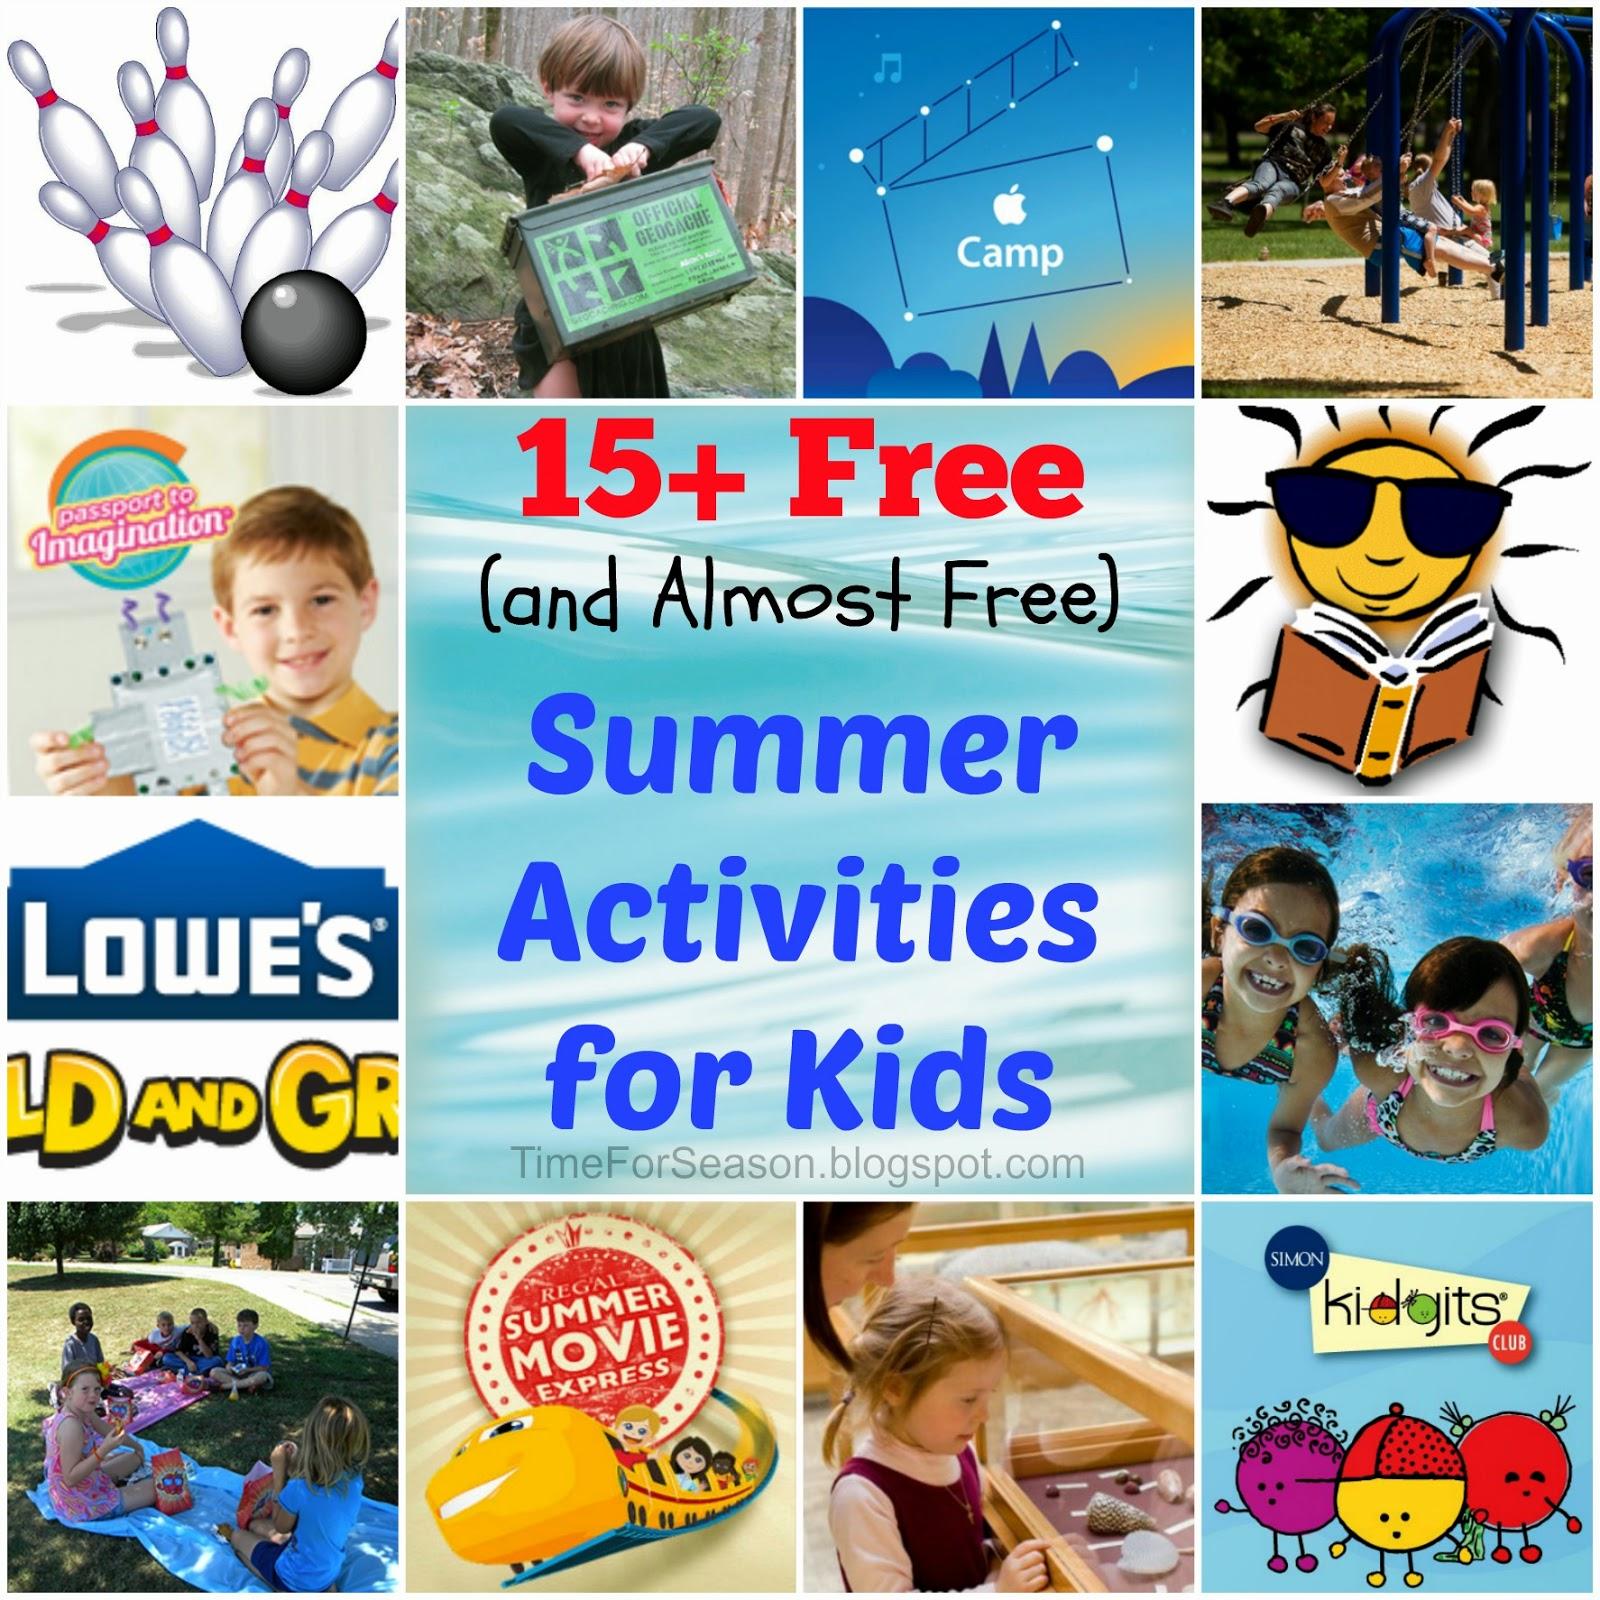 http://timeforseason.blogspot.com/2014/05/15-free-summer-kids-activities.html